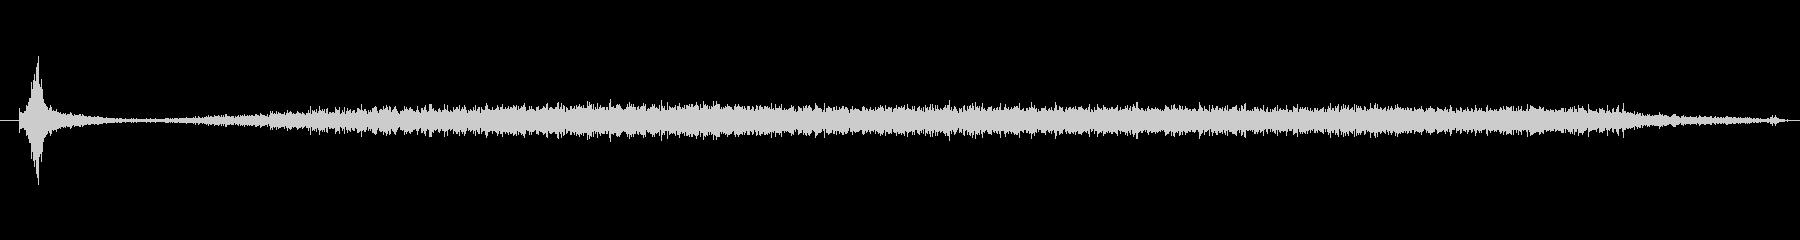 家庭 ウォールファンフルシーケンス01の未再生の波形